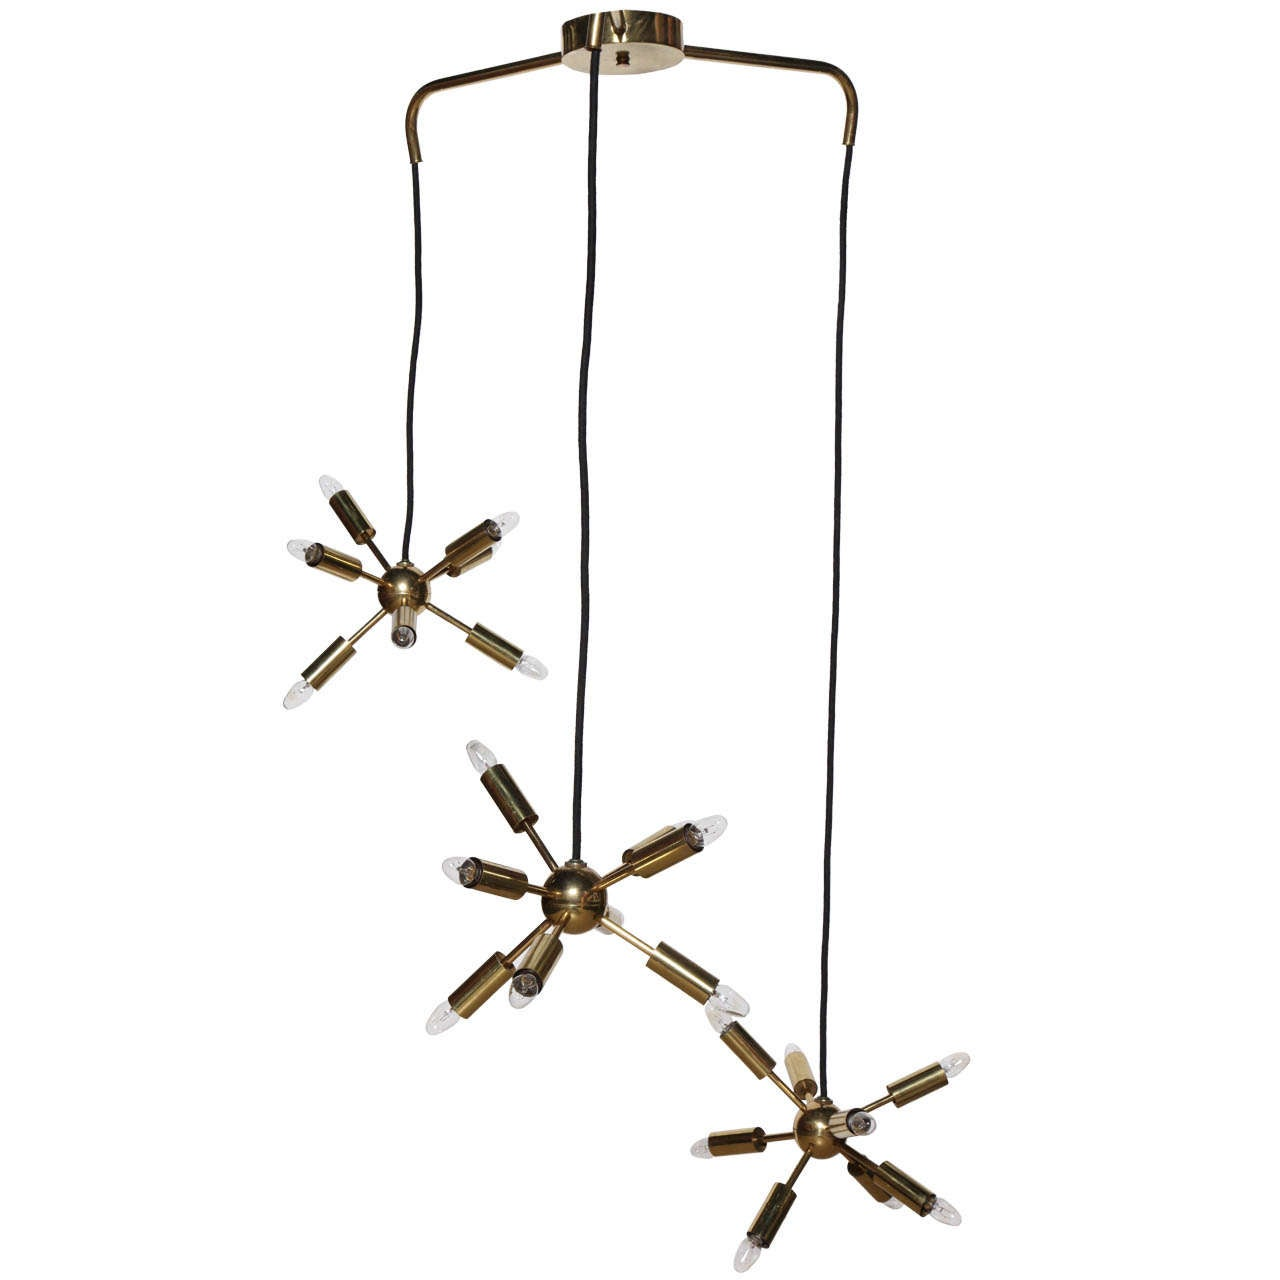 """Astral for Lightolier Triple """"Sputnik"""" Twenty Four Bulb Mobile Pendant, 1950s"""